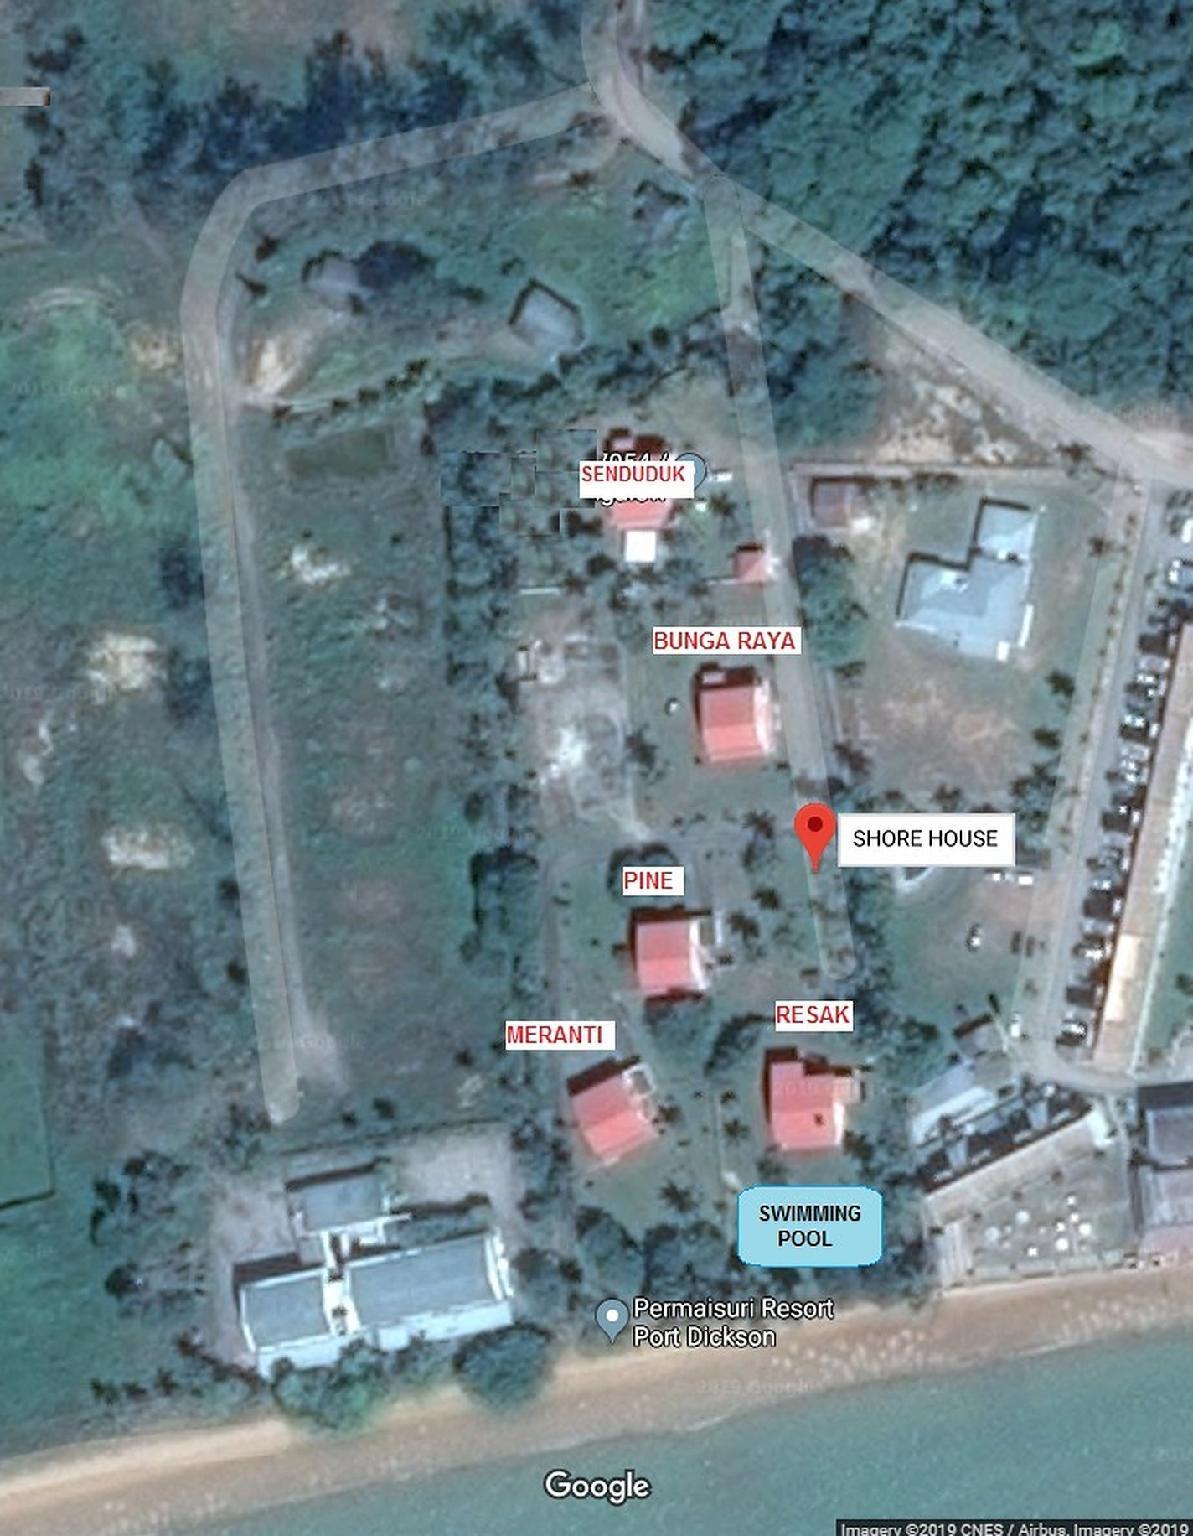 SHORE HOUSE   BUNGA RAYA